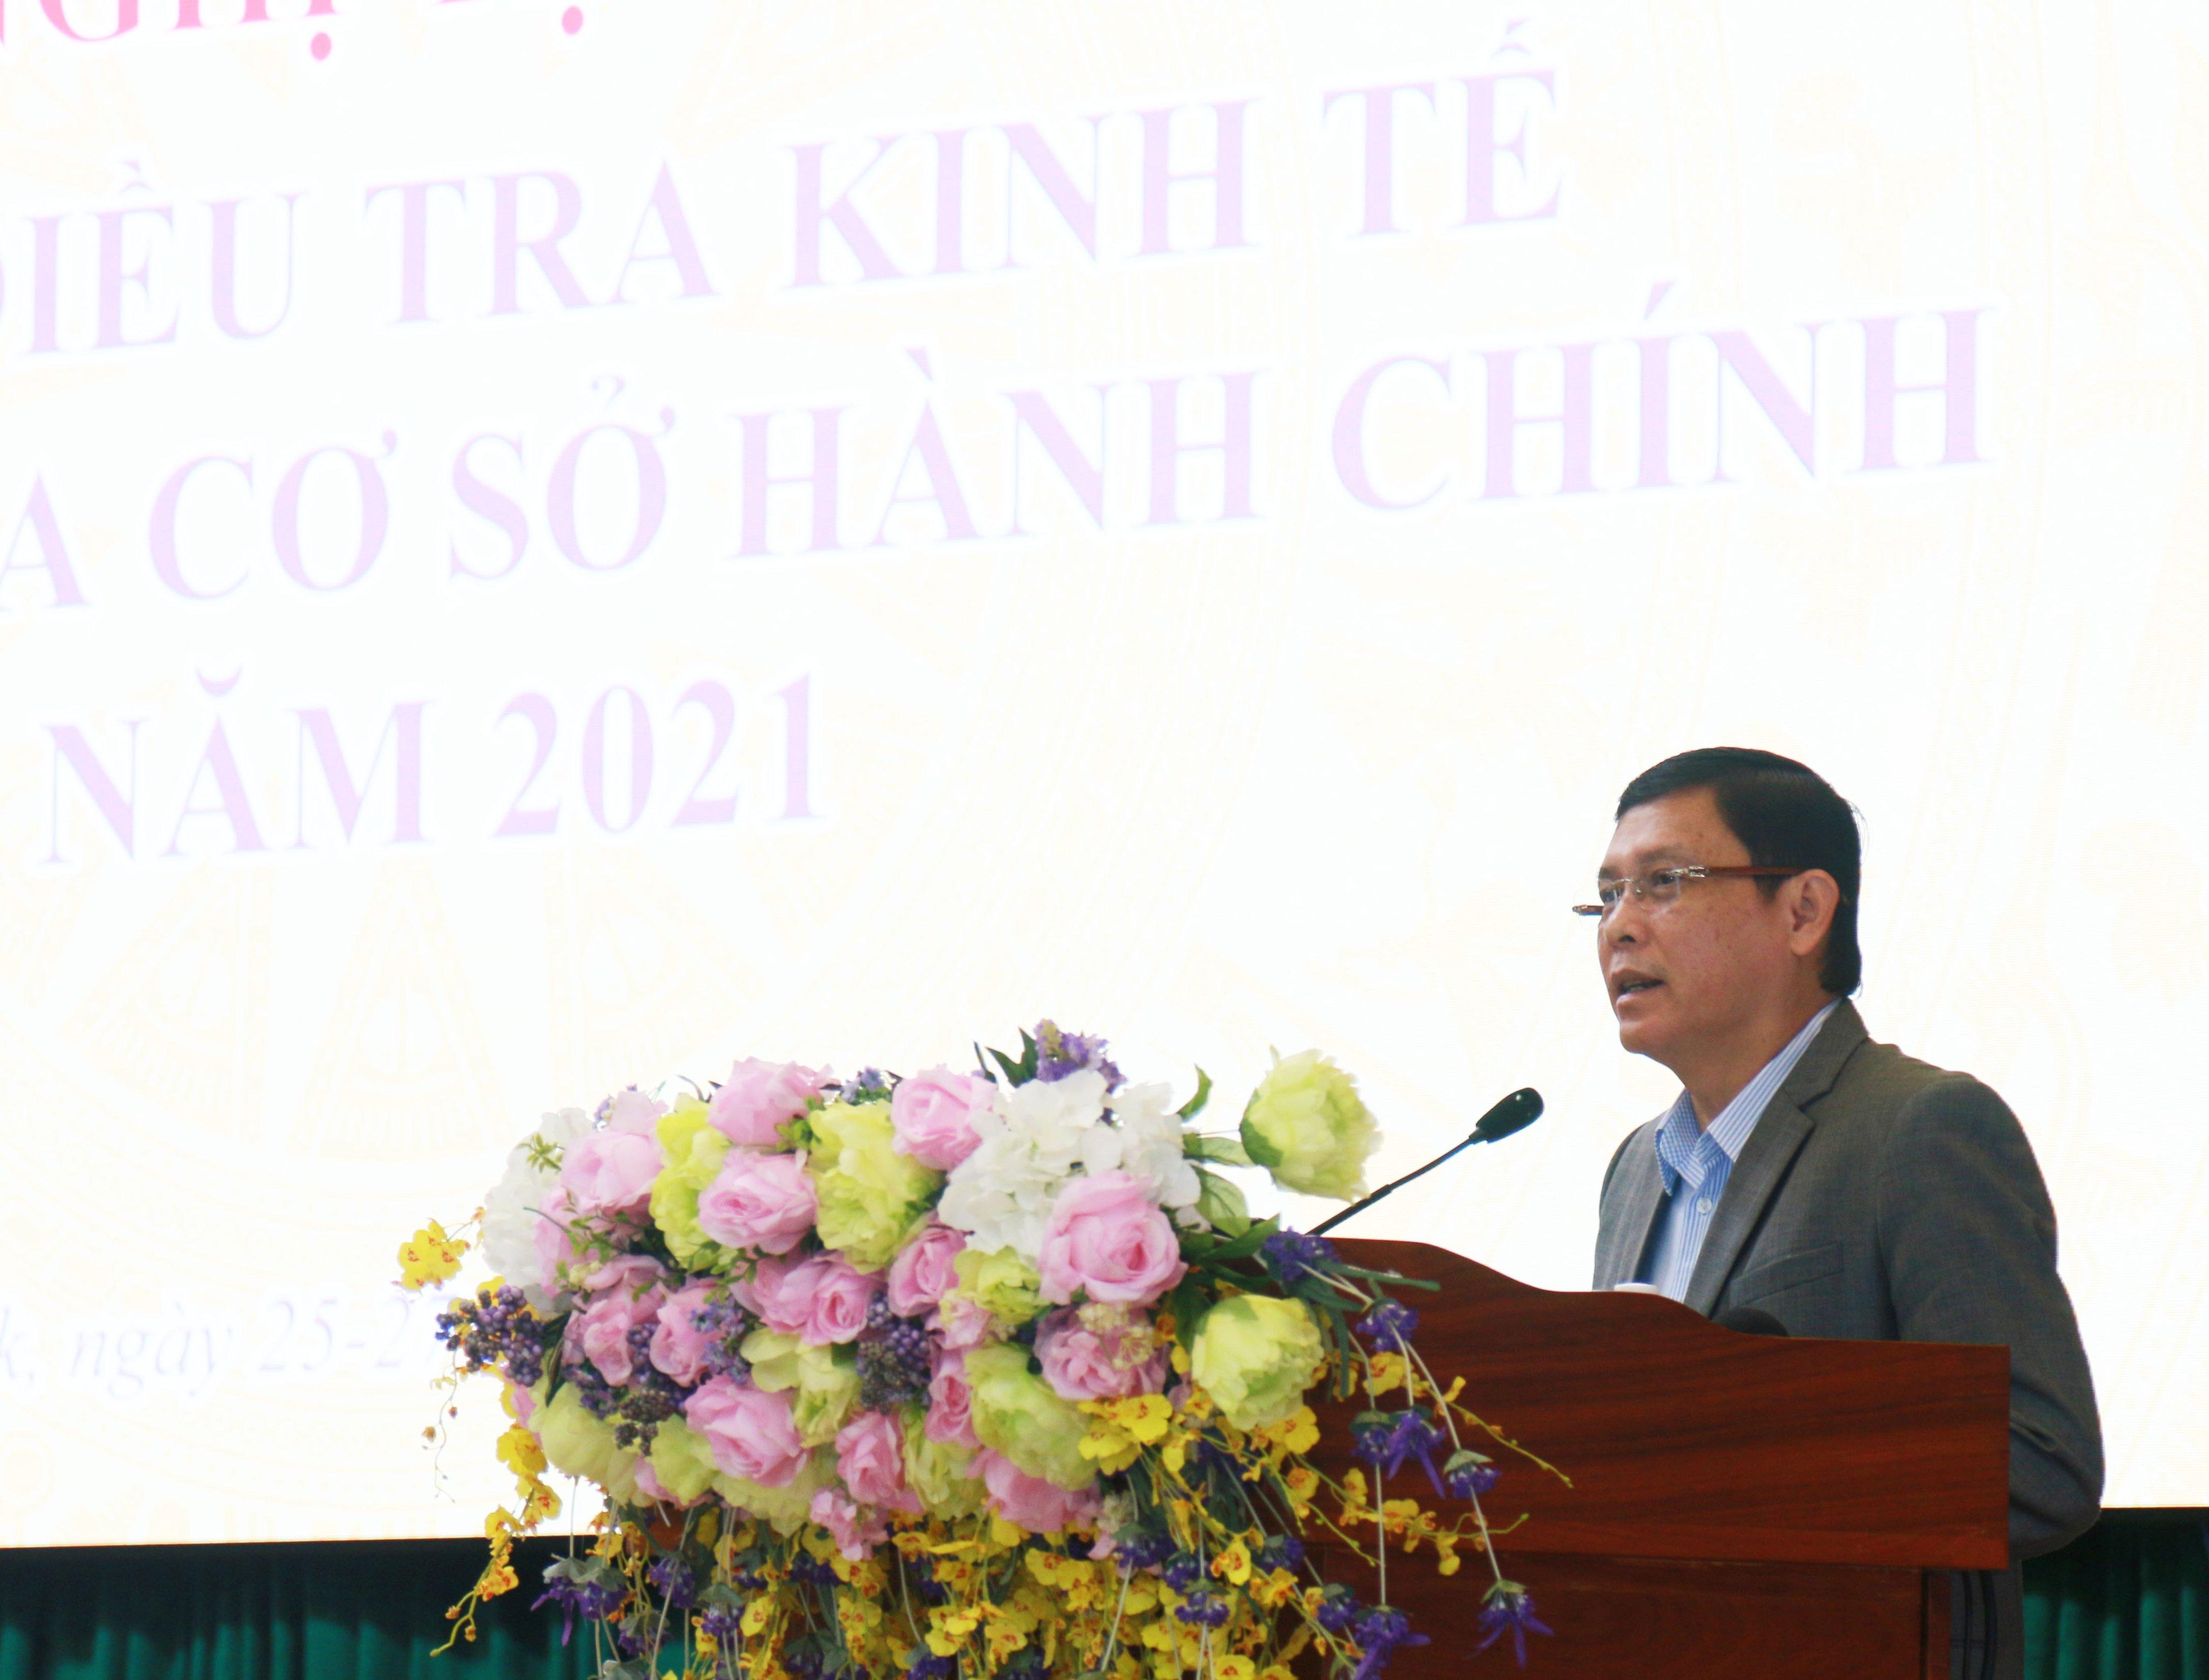 Đắk Lắk tập huấn nghiệp vụ Tổng điều tra kinh tế và cơ sở hành chính năm 2021